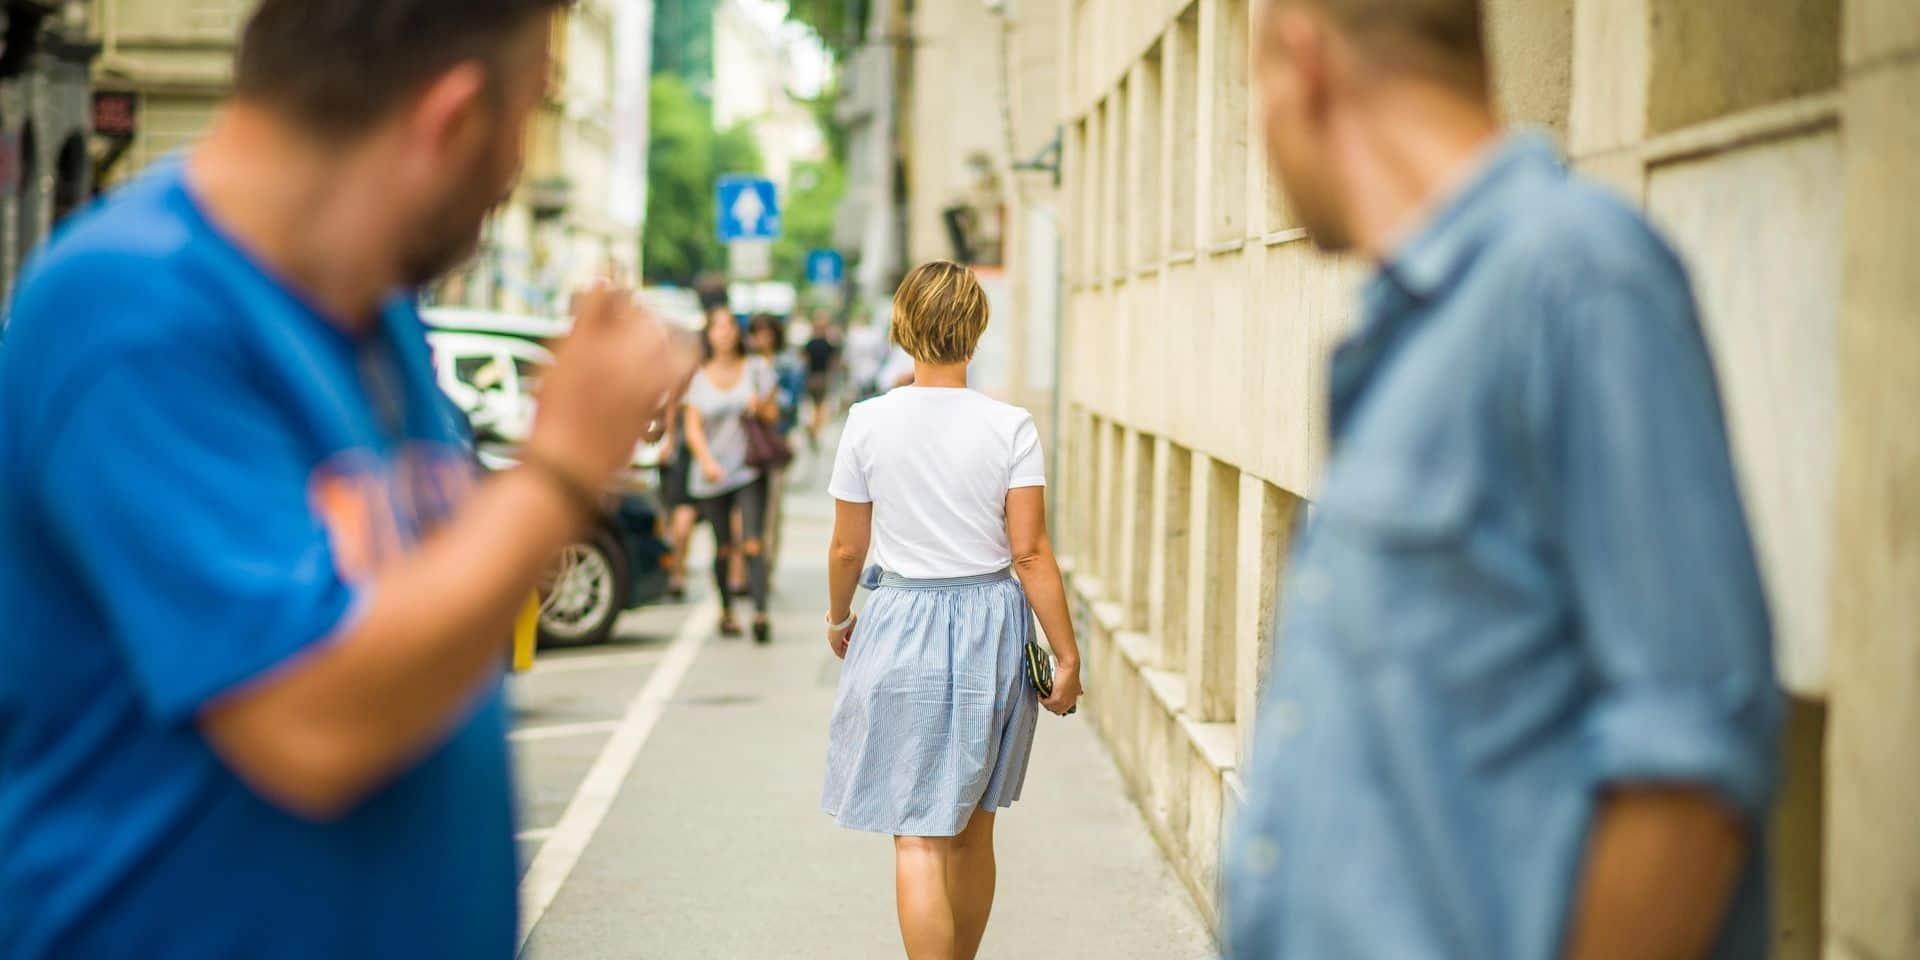 Le harcèlement de rue, une réelle problématique à ne pas prendre à la légère